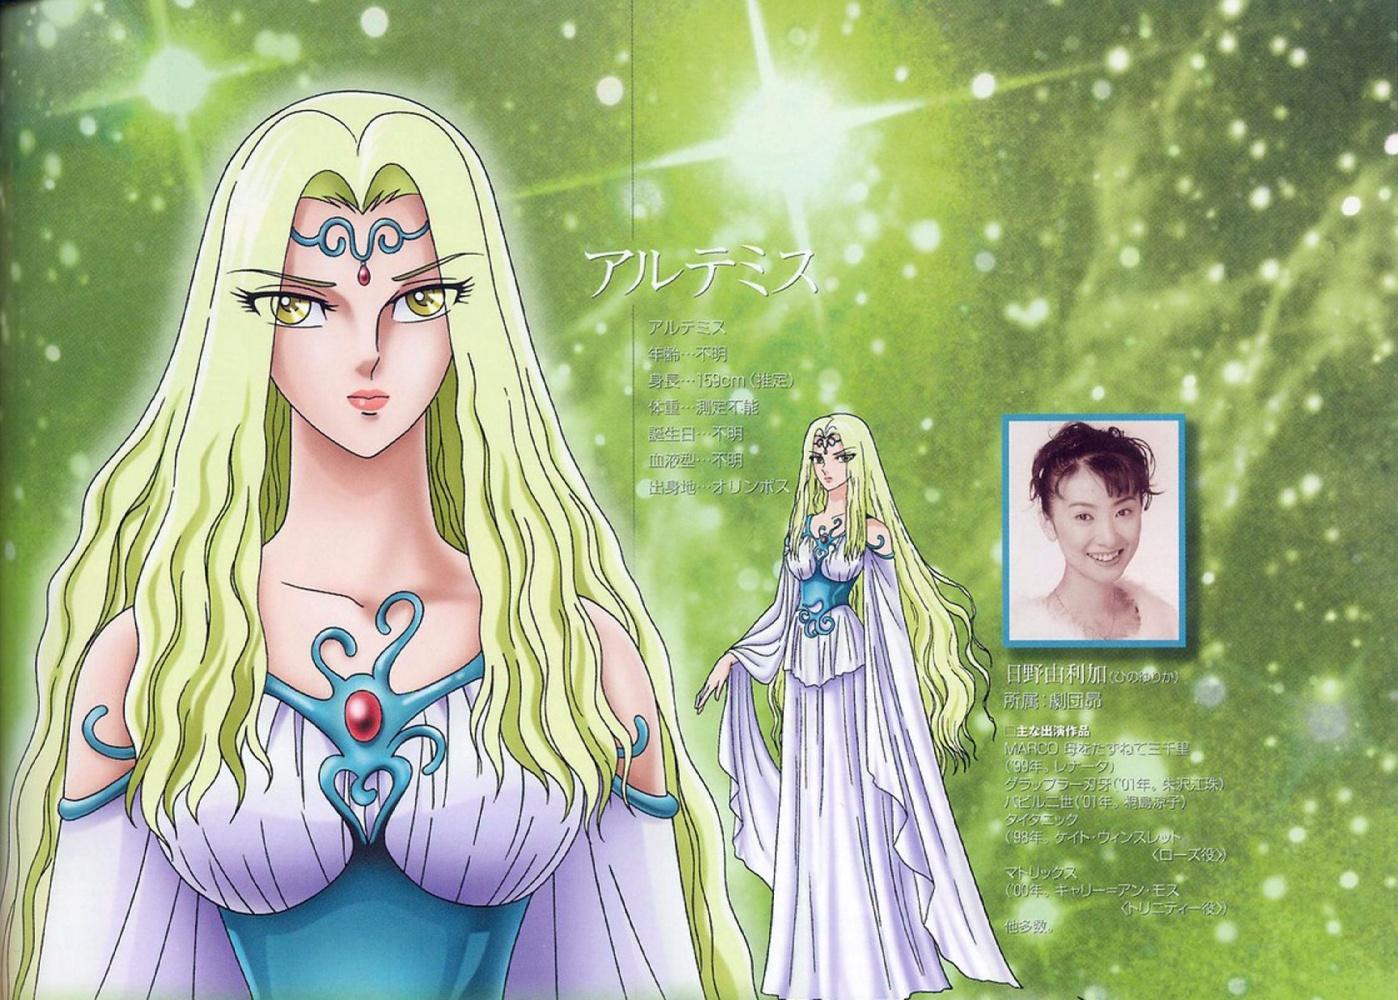 Artemis (Saint Seiya)/#37307 - Zerochan